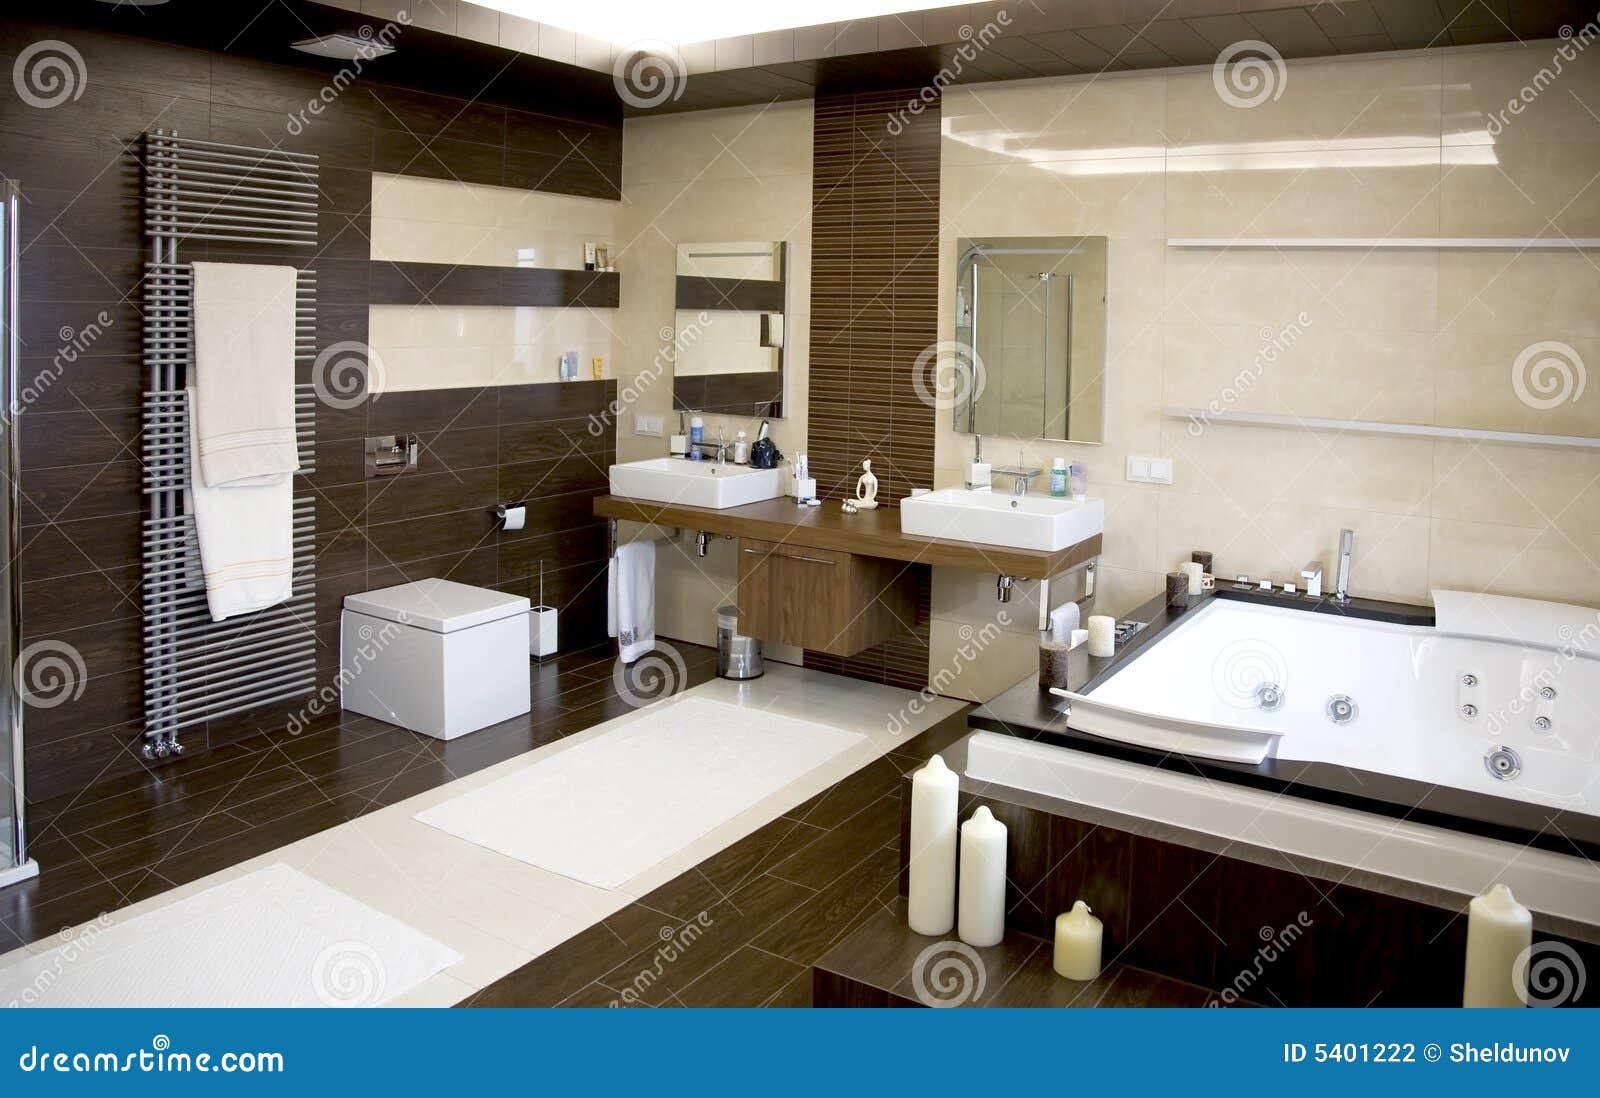 Baños Lujosos Modernos:Cuarto de baño blanco moderno lujoso con los suelos de madera oscuros